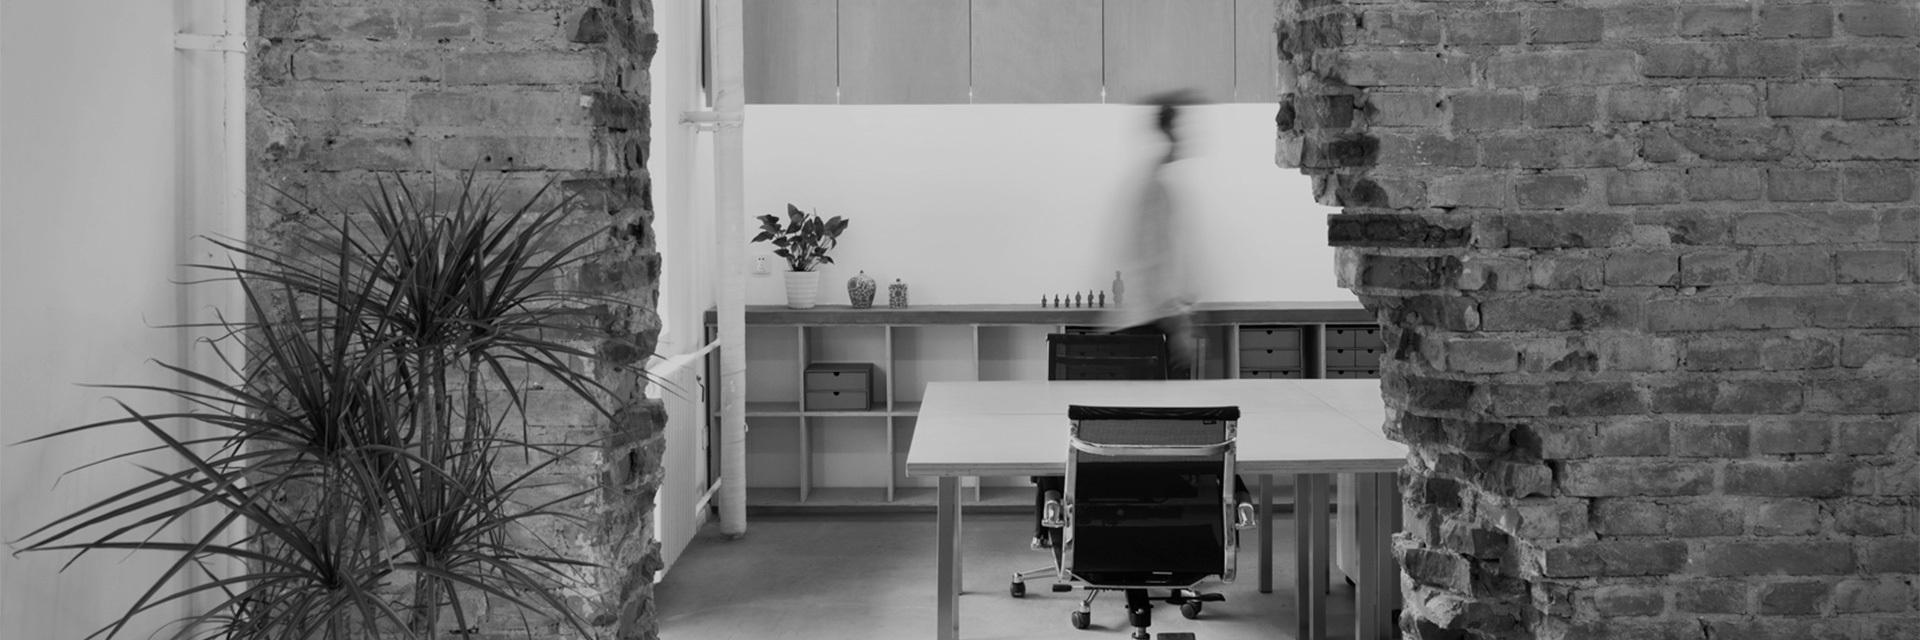 """1980年出生于日本广岛的青山周平,受到建筑师父亲的影响,进入建筑行业。2003年以""""最佳毕业设计奖""""毕业于大阪大学,并获第十届UNION造型设计大赛奖二等奖。2004在布鲁塞尔Sint-Lucas建筑学院及巴黎国家高等拉维莱特建筑学院深造。2005年起在SAKO建筑设计工社任设计师,3年后升任设计室长,同年获日本商业空间协会设计大赛奖银奖。2012年,在清华大学修读博士学位,2013年起同时担任北方工业大学建筑系讲师。2014年创立了自己的建筑设计事务所B.L.U.E.。"""